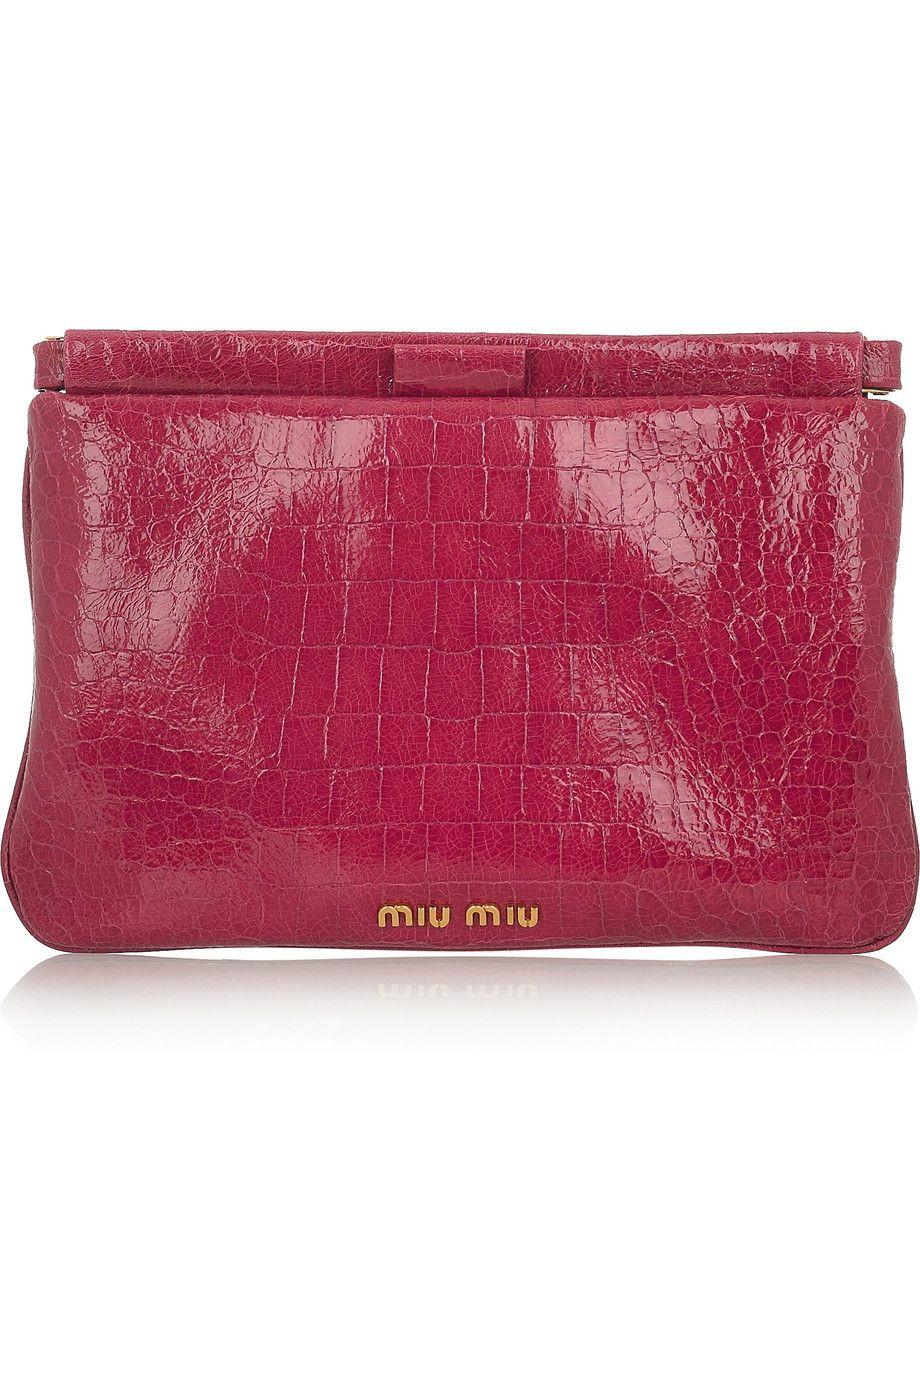 42a4dfde5a0 MIU MIU Croc-effect patent-leather clutch   Style Wishlist   Miu miu ...